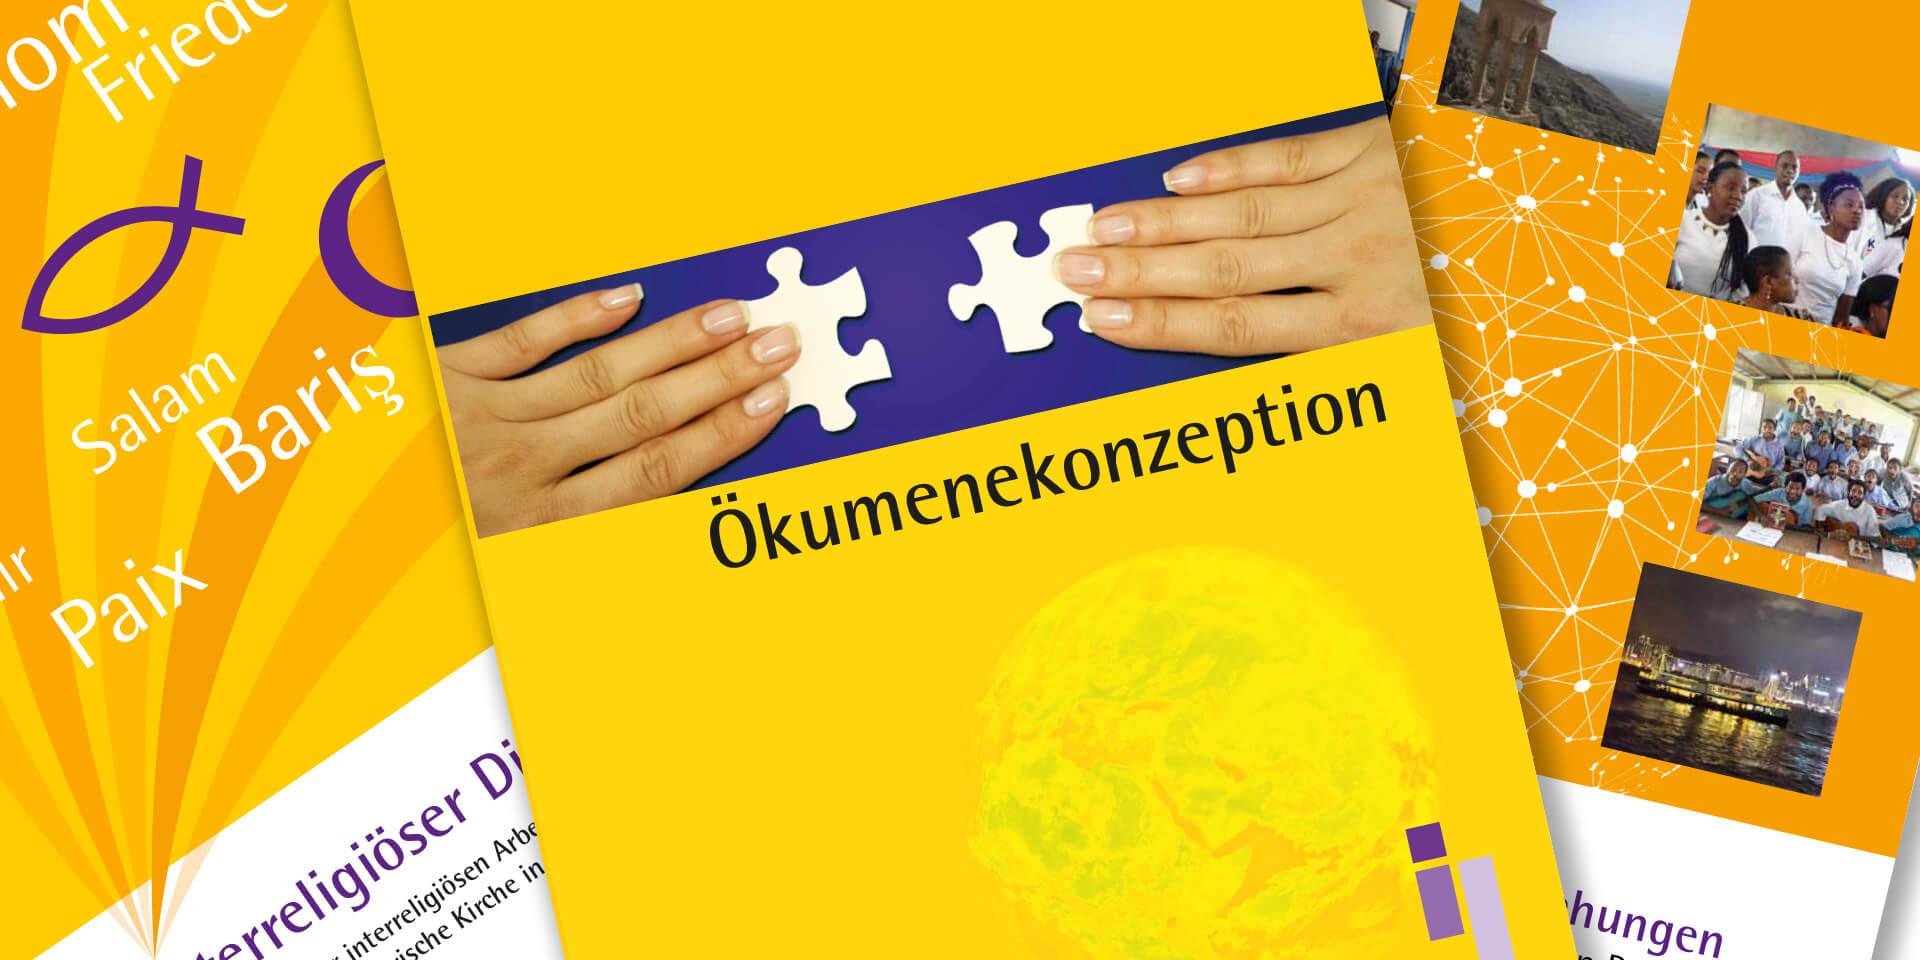 Ökumene Konzeptionen Ökumenekonzeption, Außenbeziehungen, Interreligiöser Dialog